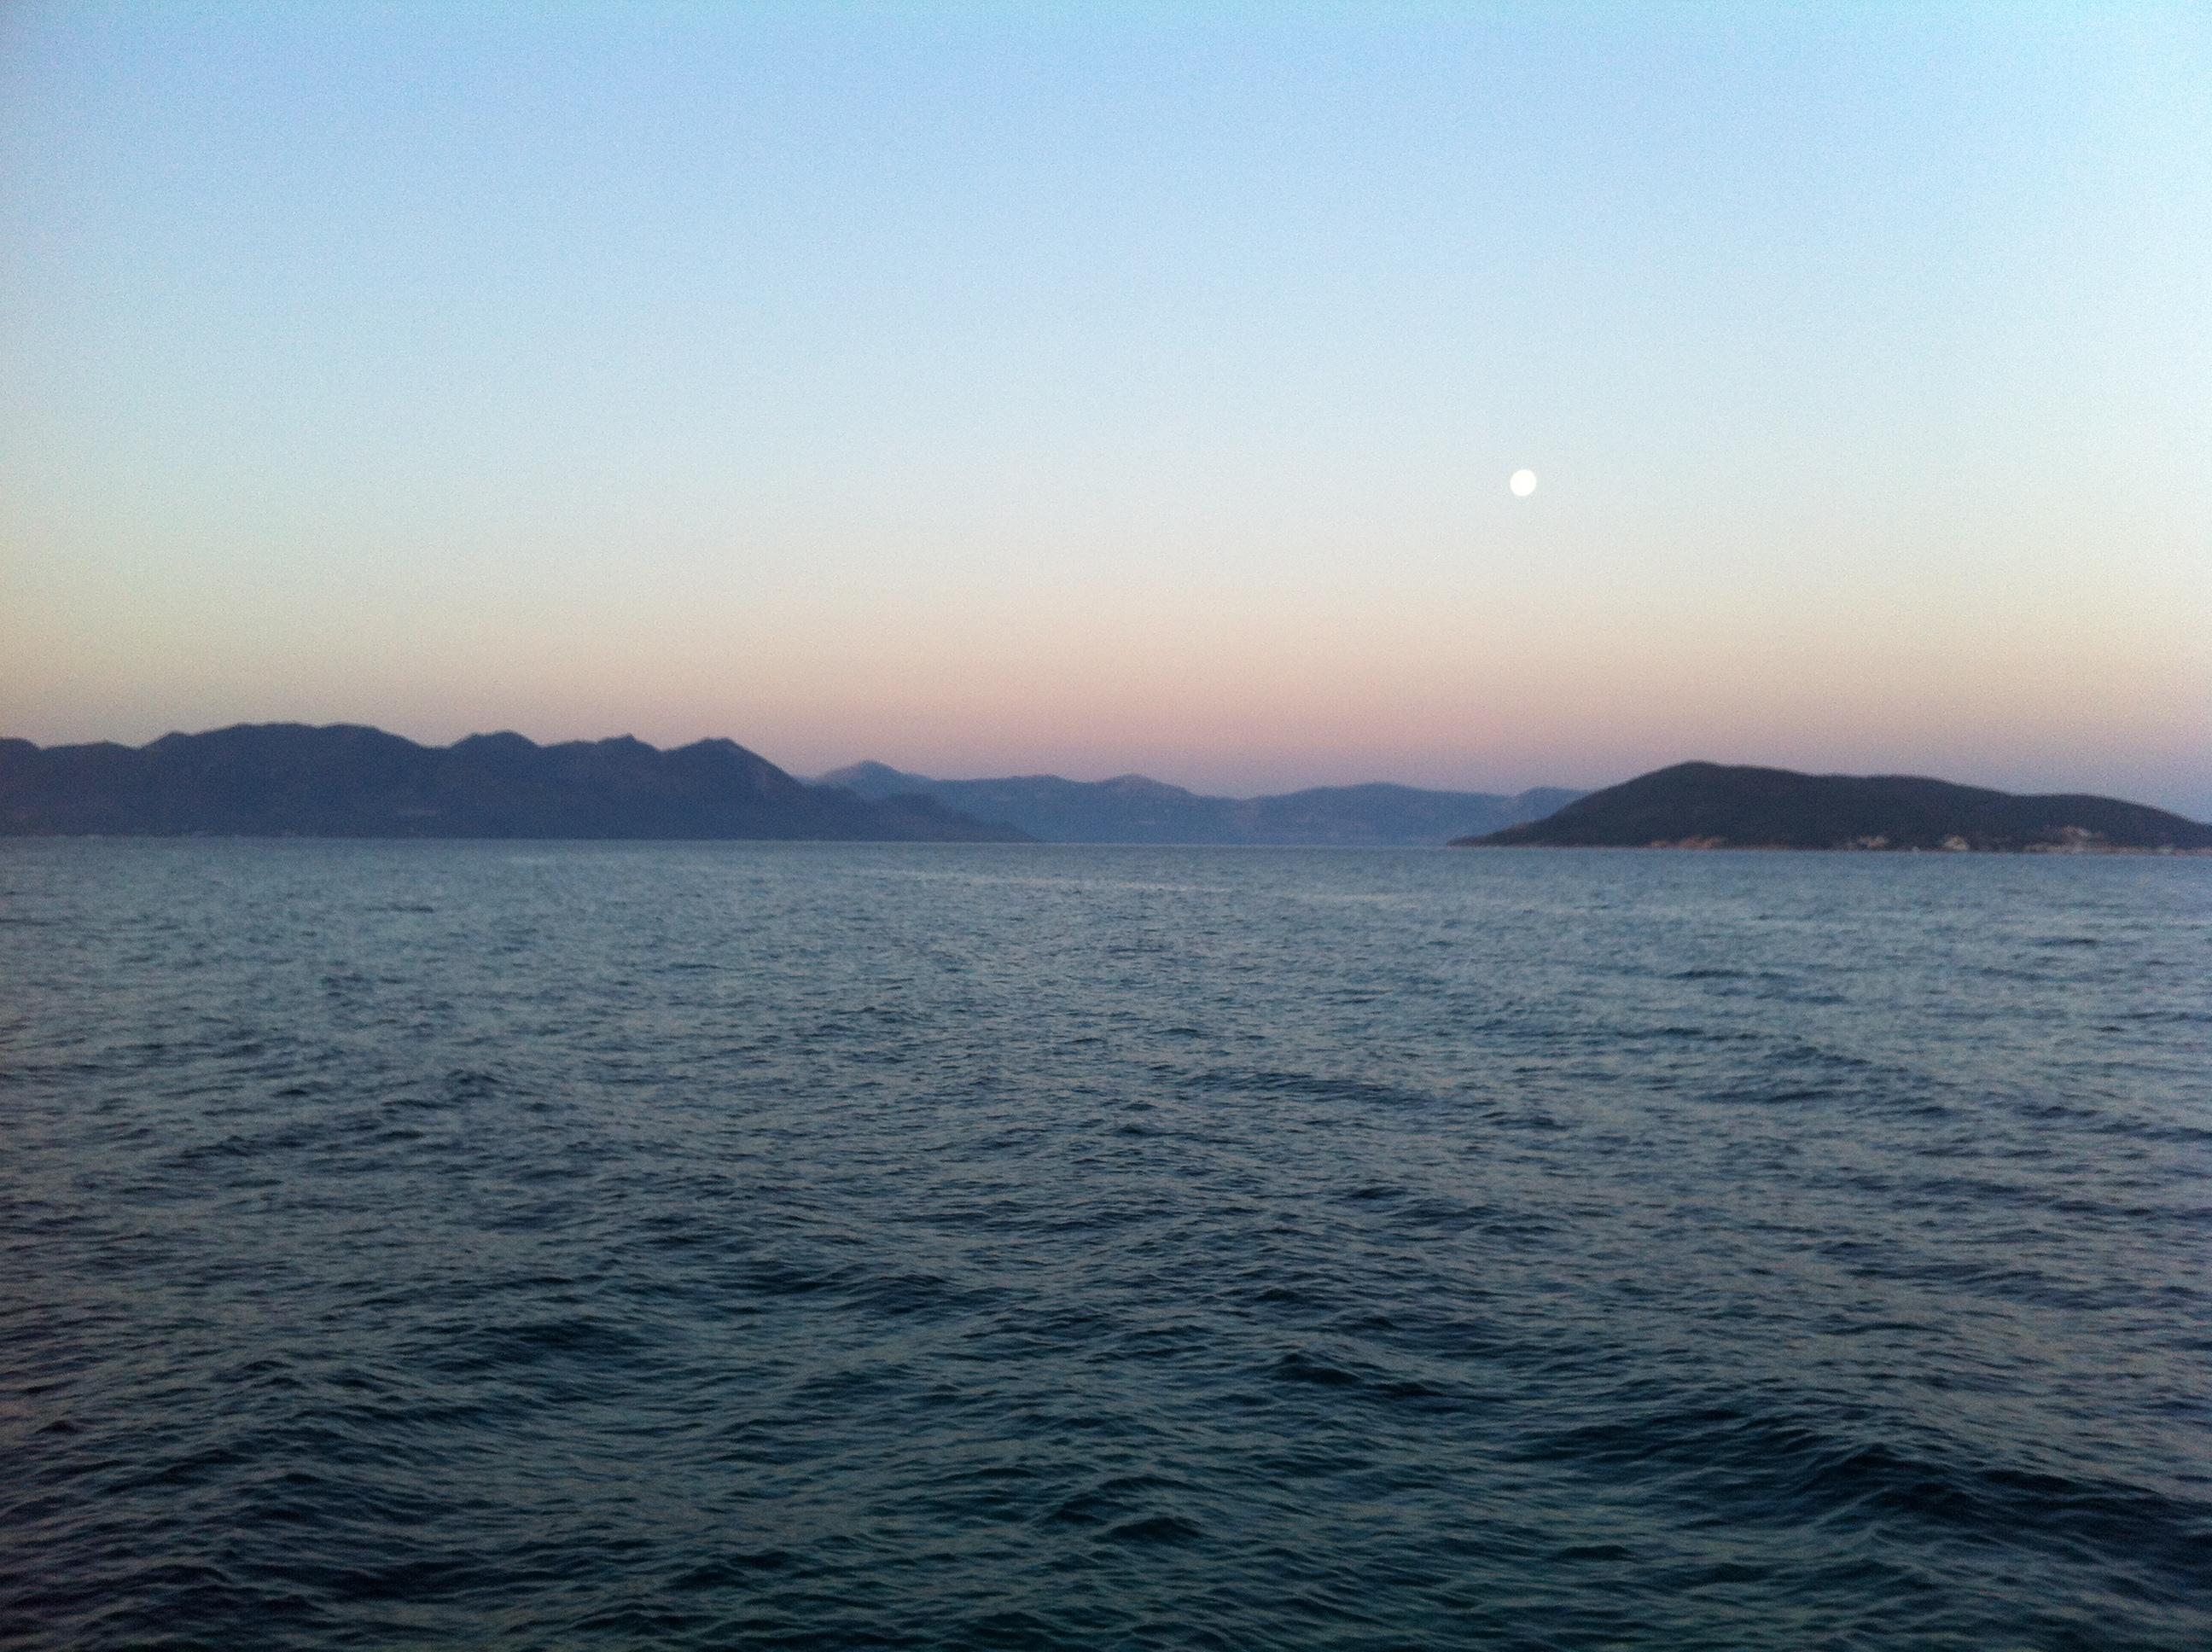 Voyage en Mer et à l'autre bout de la terre avec escale de nuit